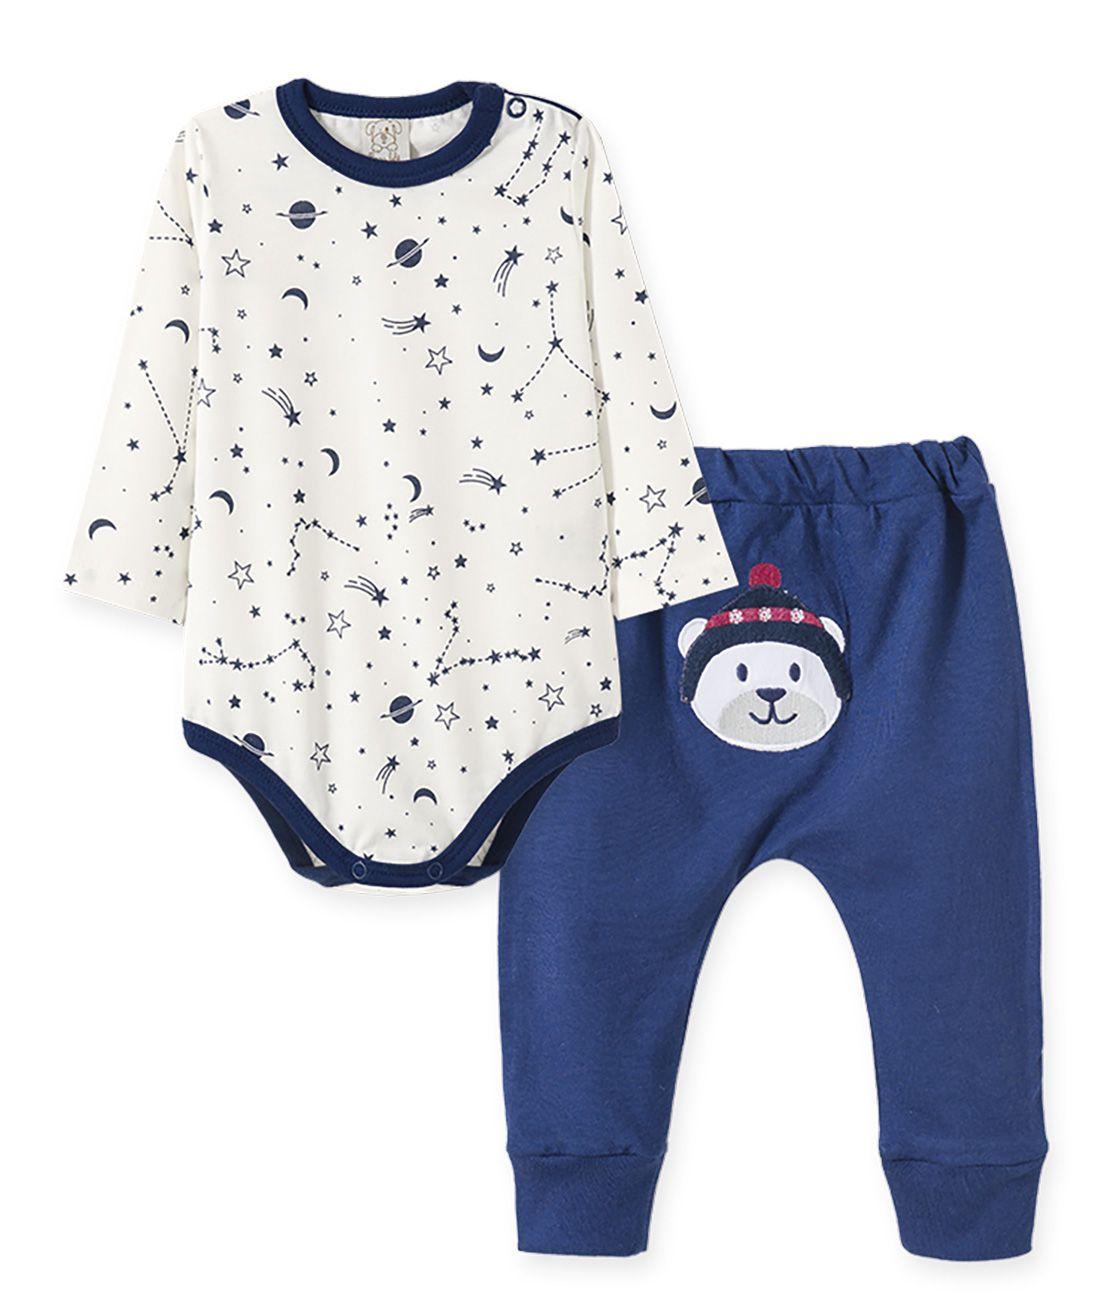 Conjunto Bebê body manga longa com calça saruel  Pingo Lelê Urso Polar Off White/Marinho